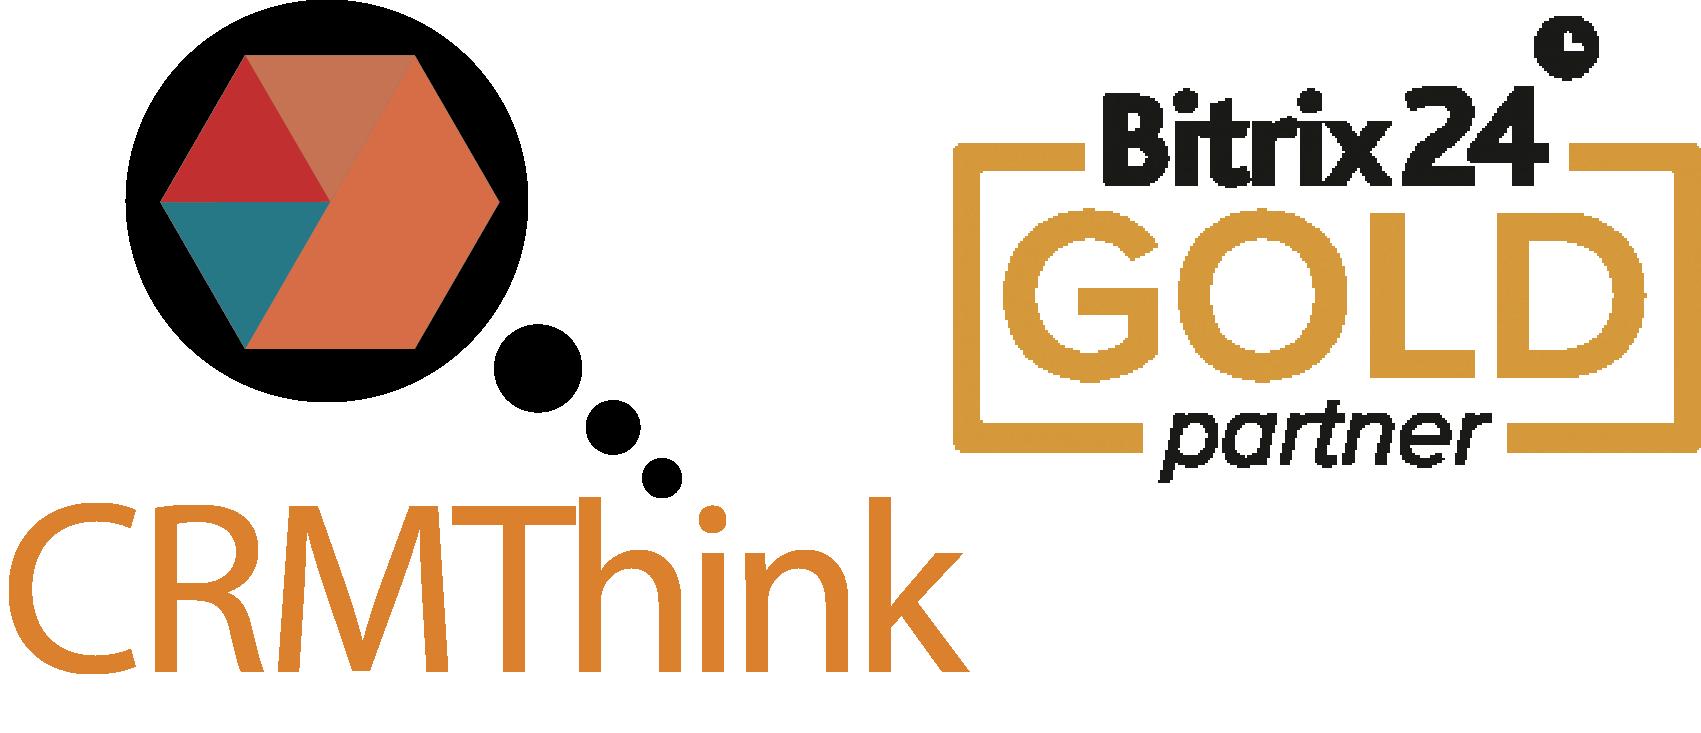 Logo da empresa CRMThink.